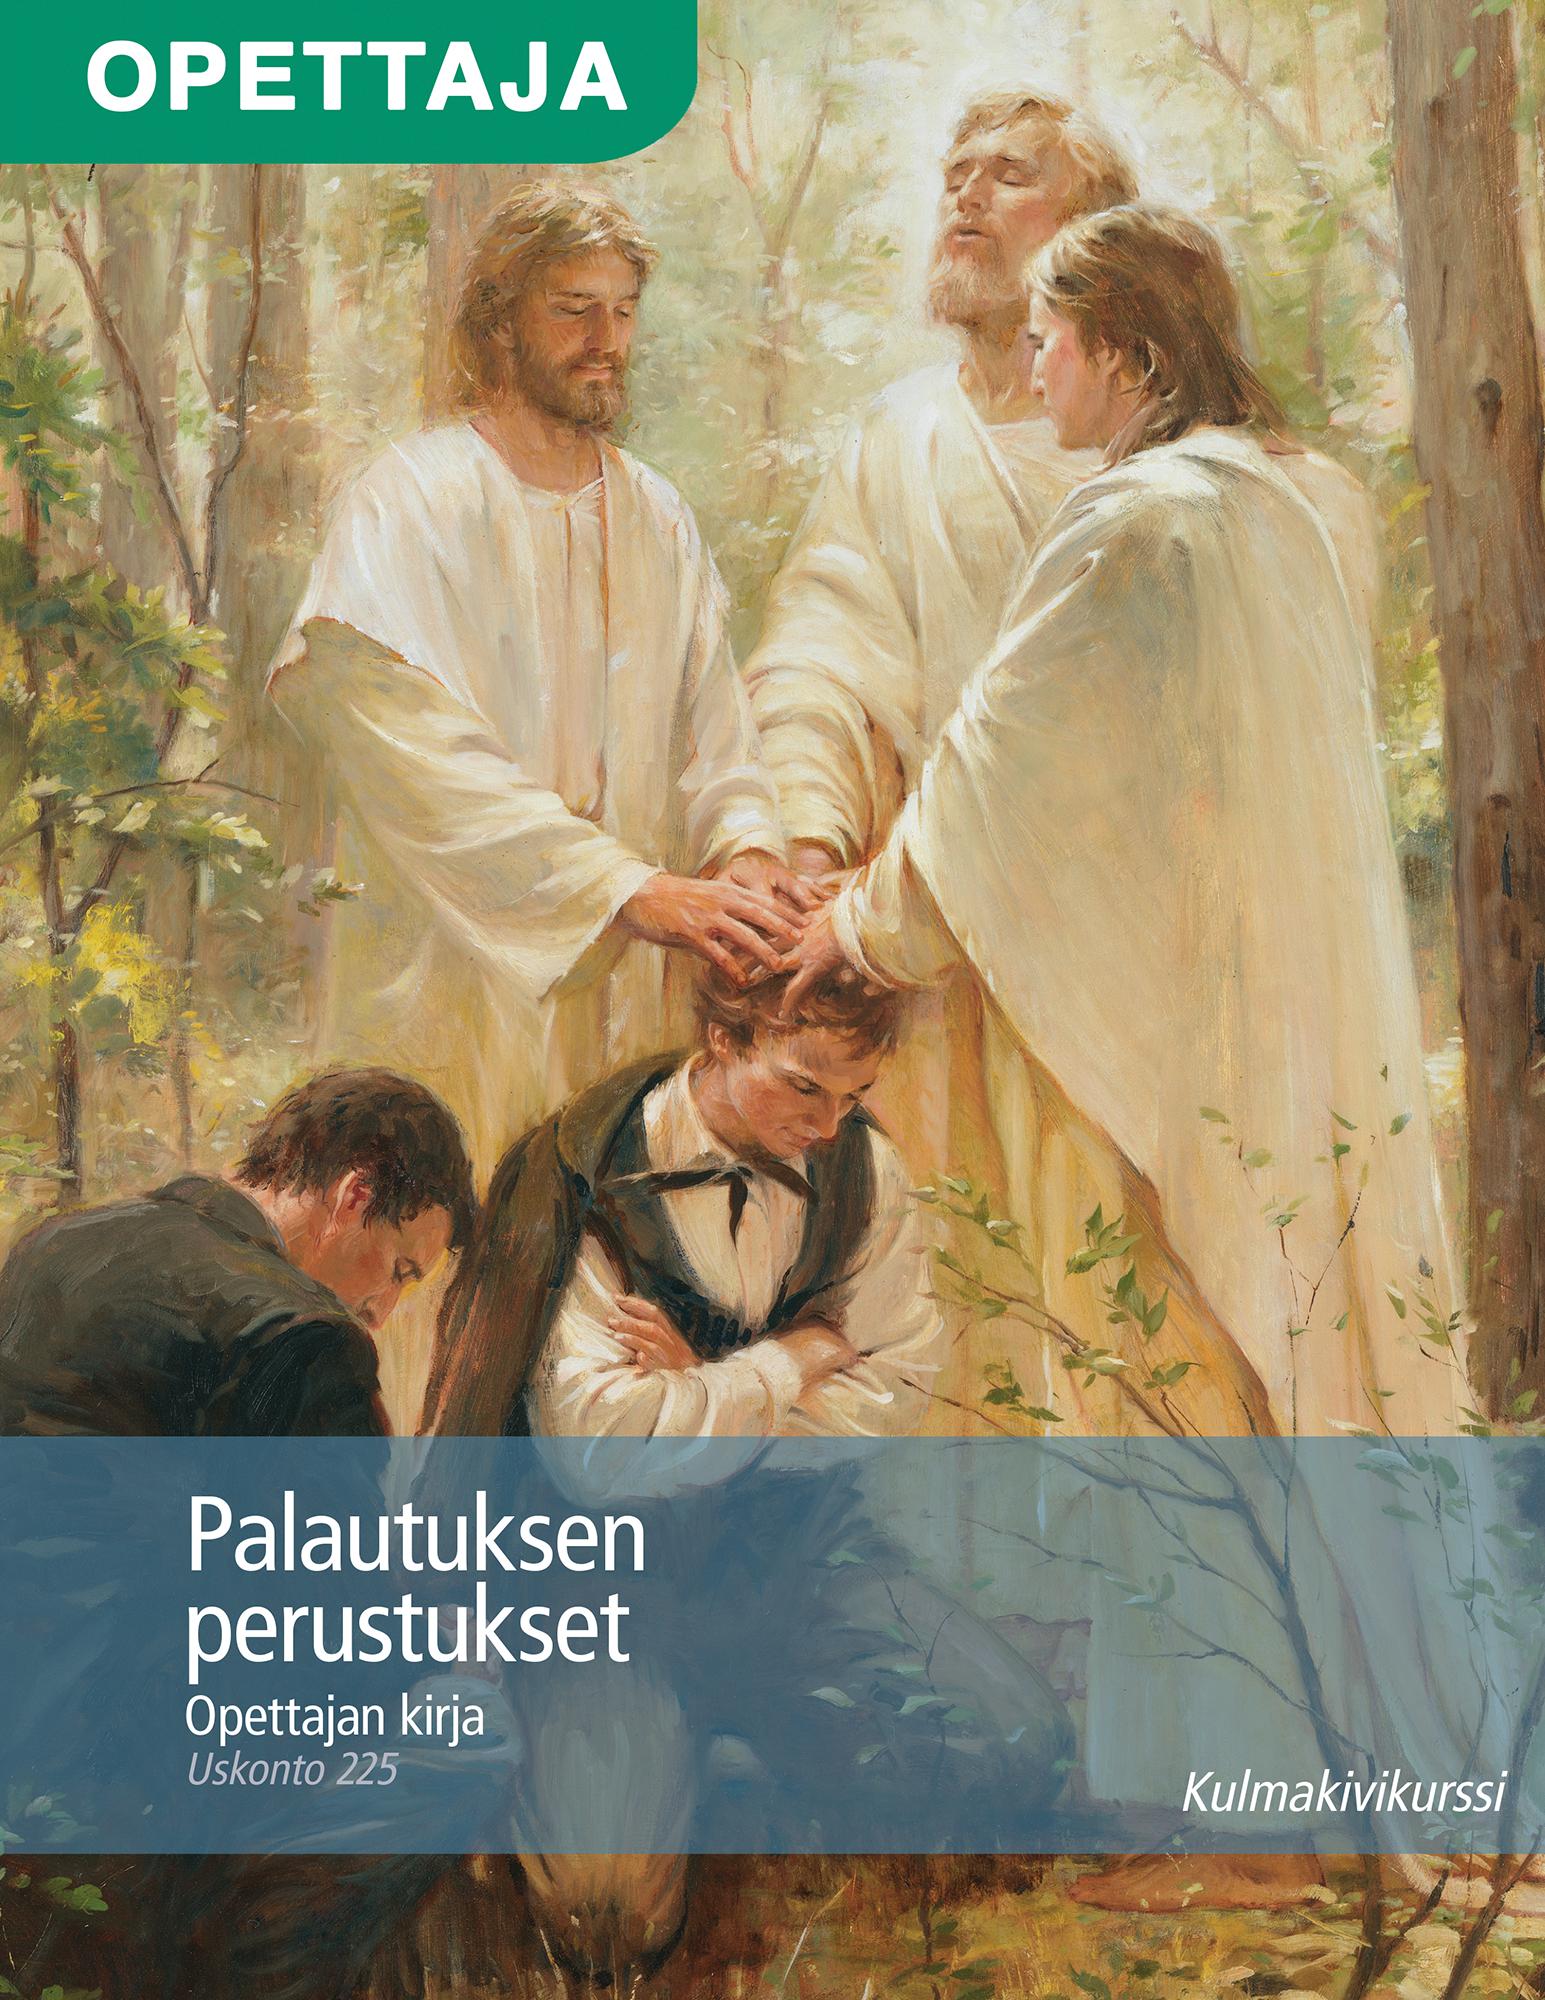 Palautuksen perustukset, opettajan kirja (Uskonto 225)